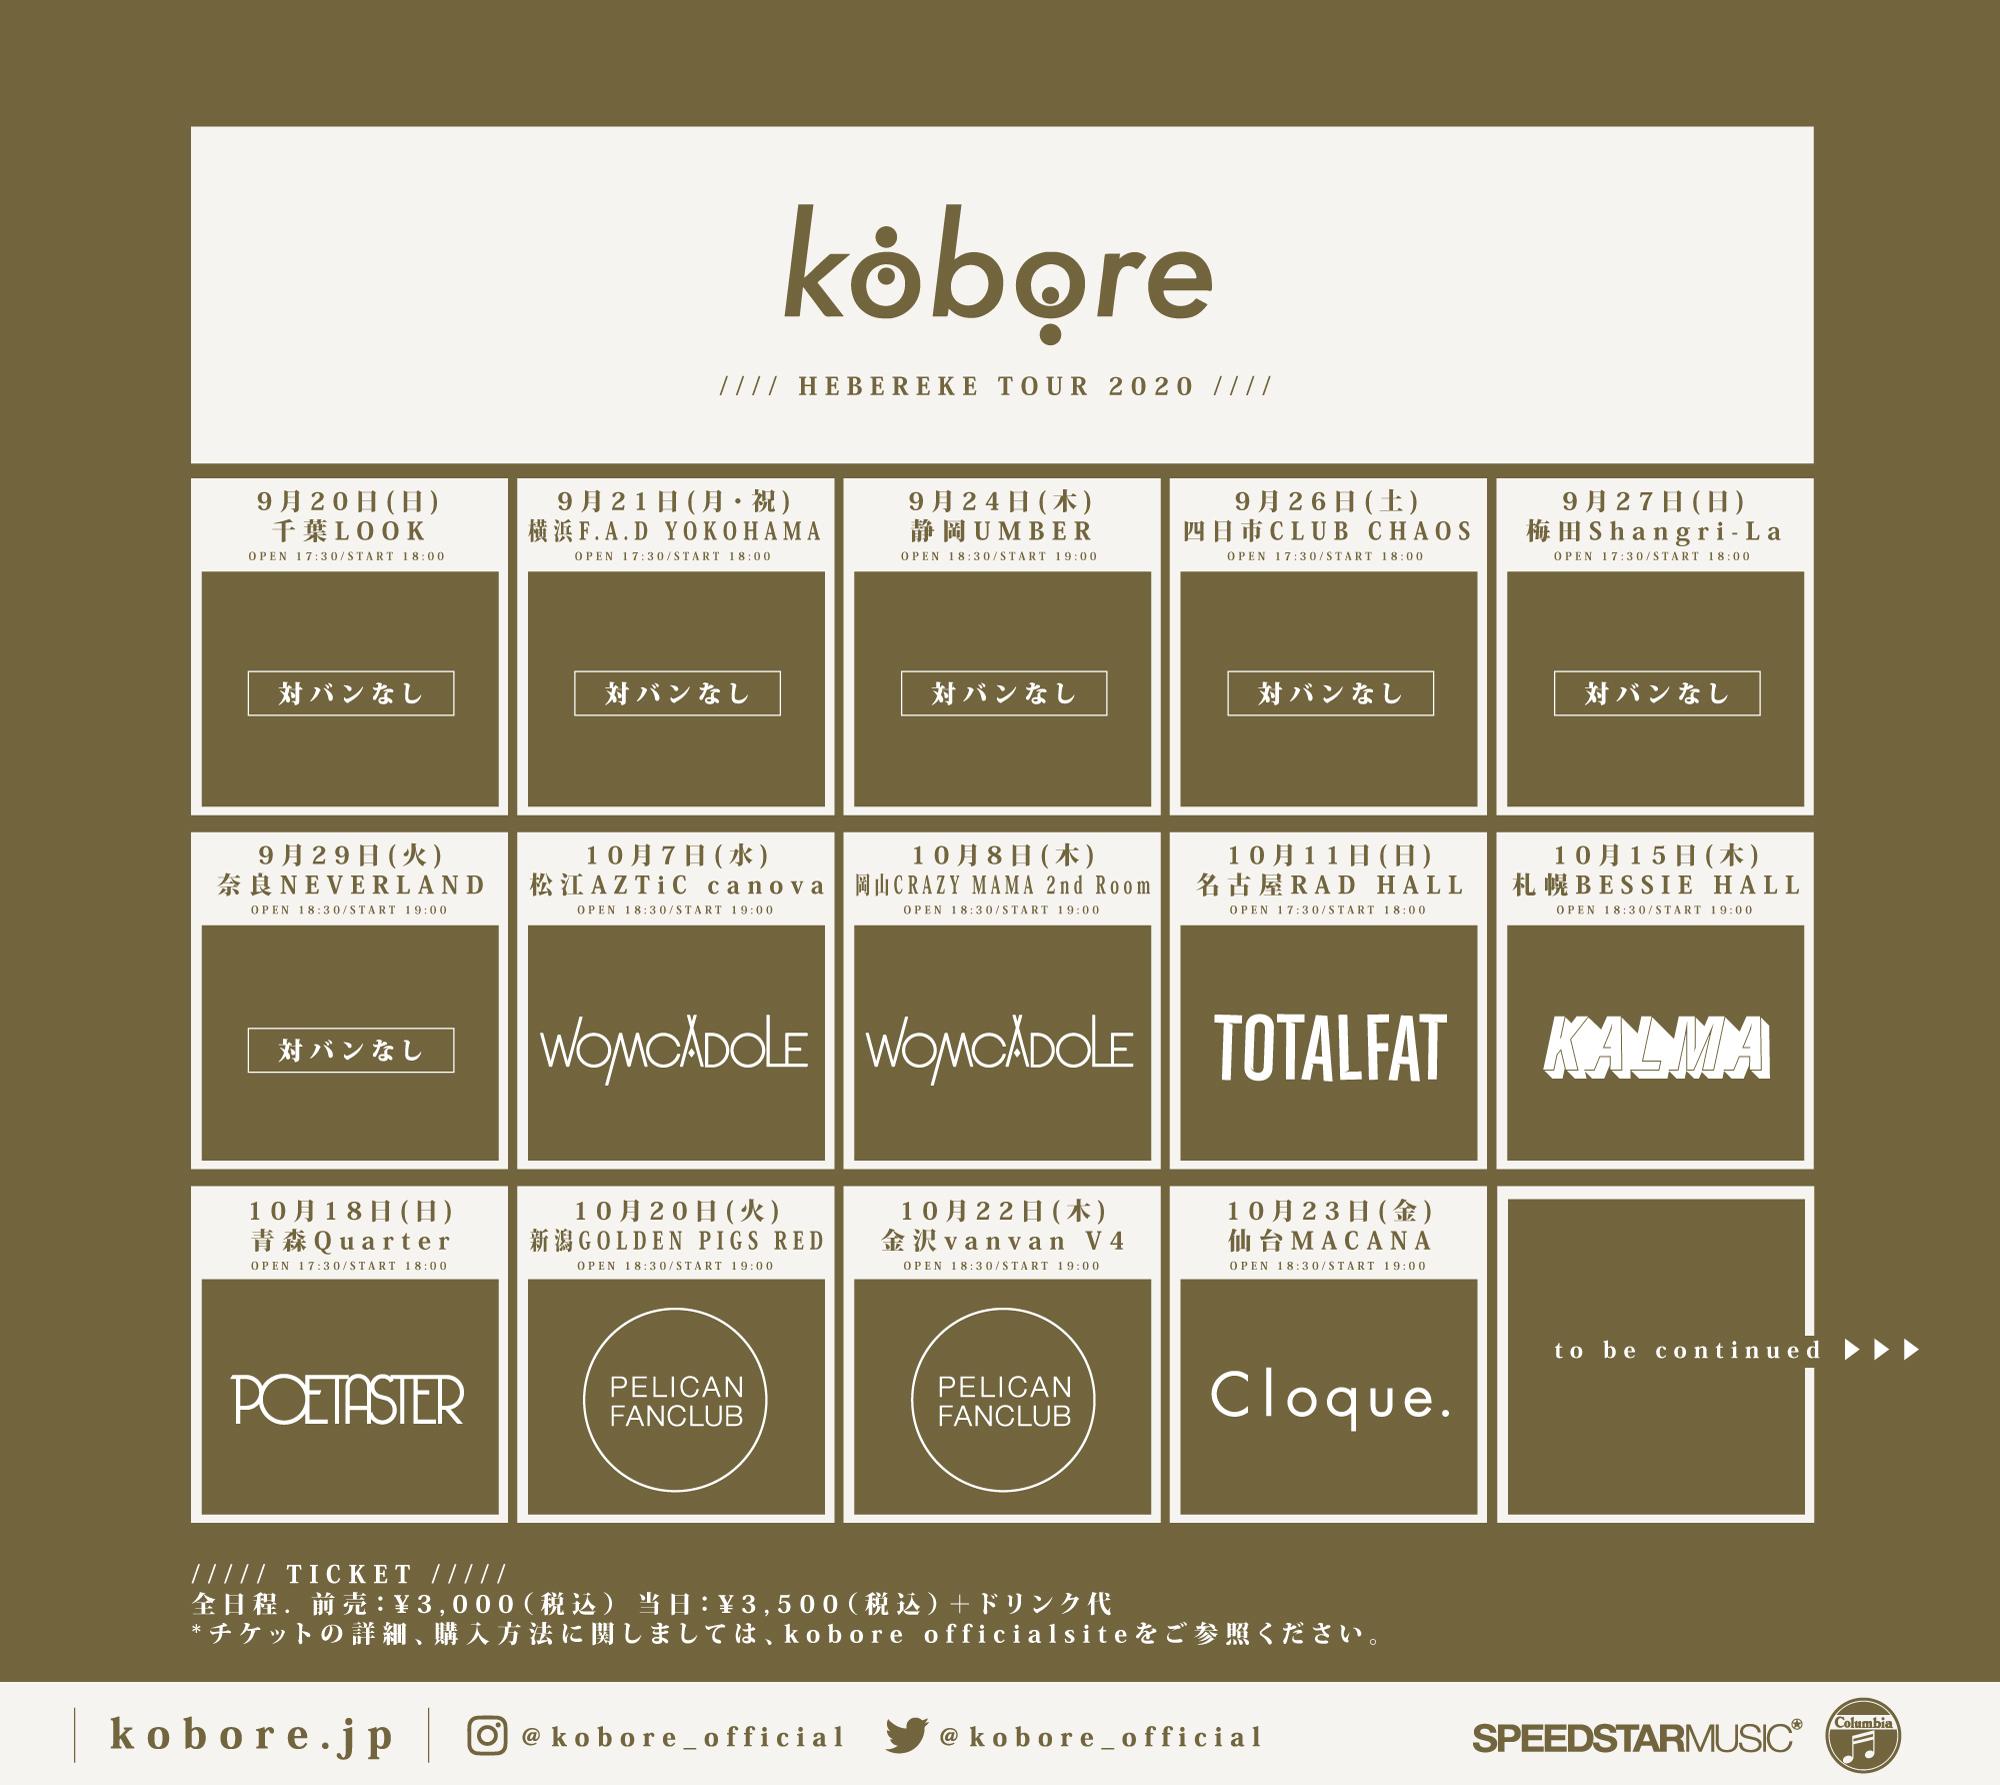 content_kobore_ツアー画像